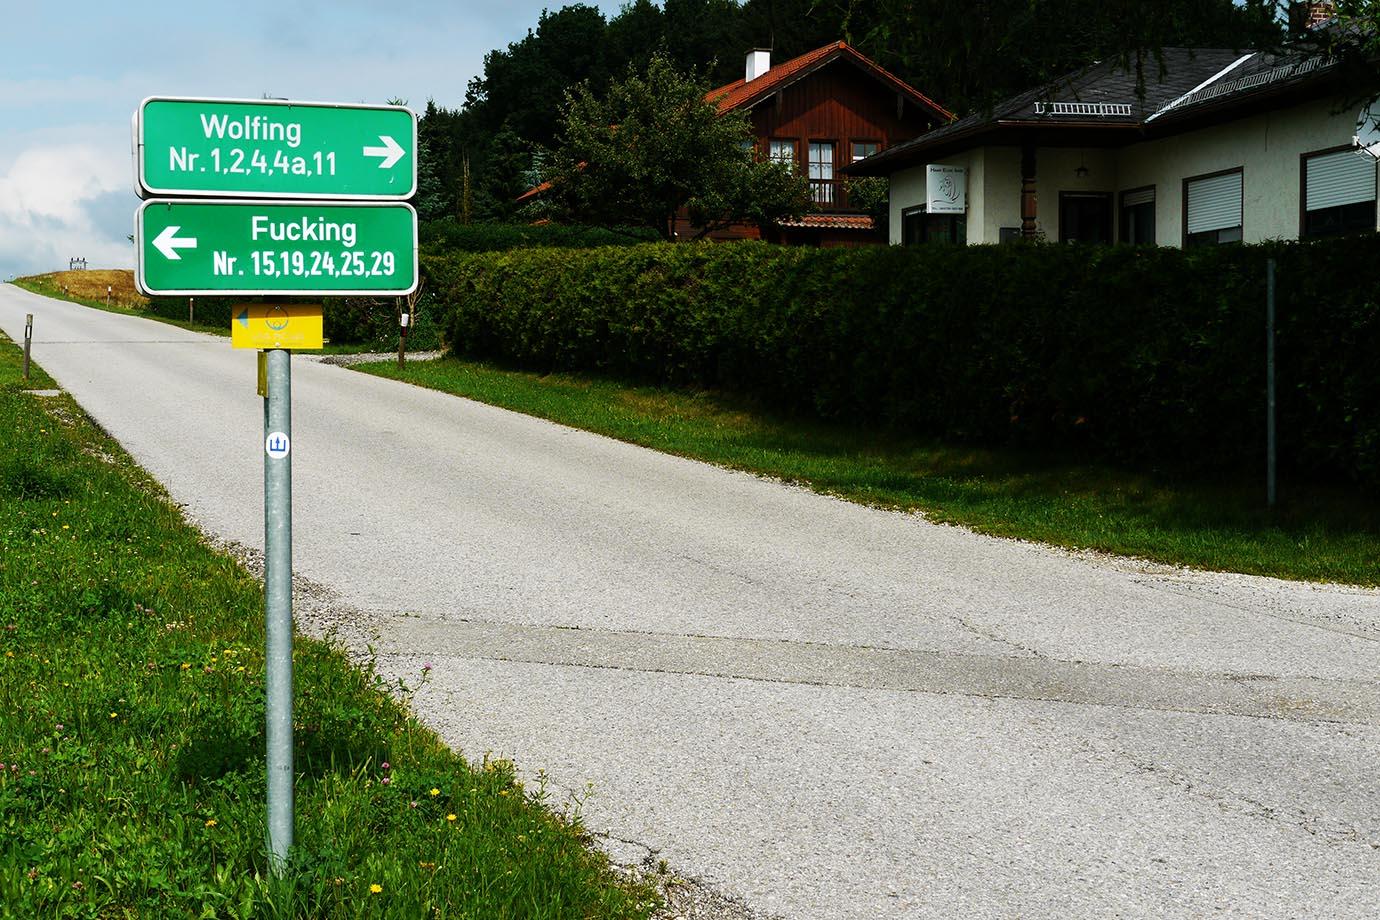 healed-in-an-austrian-village8